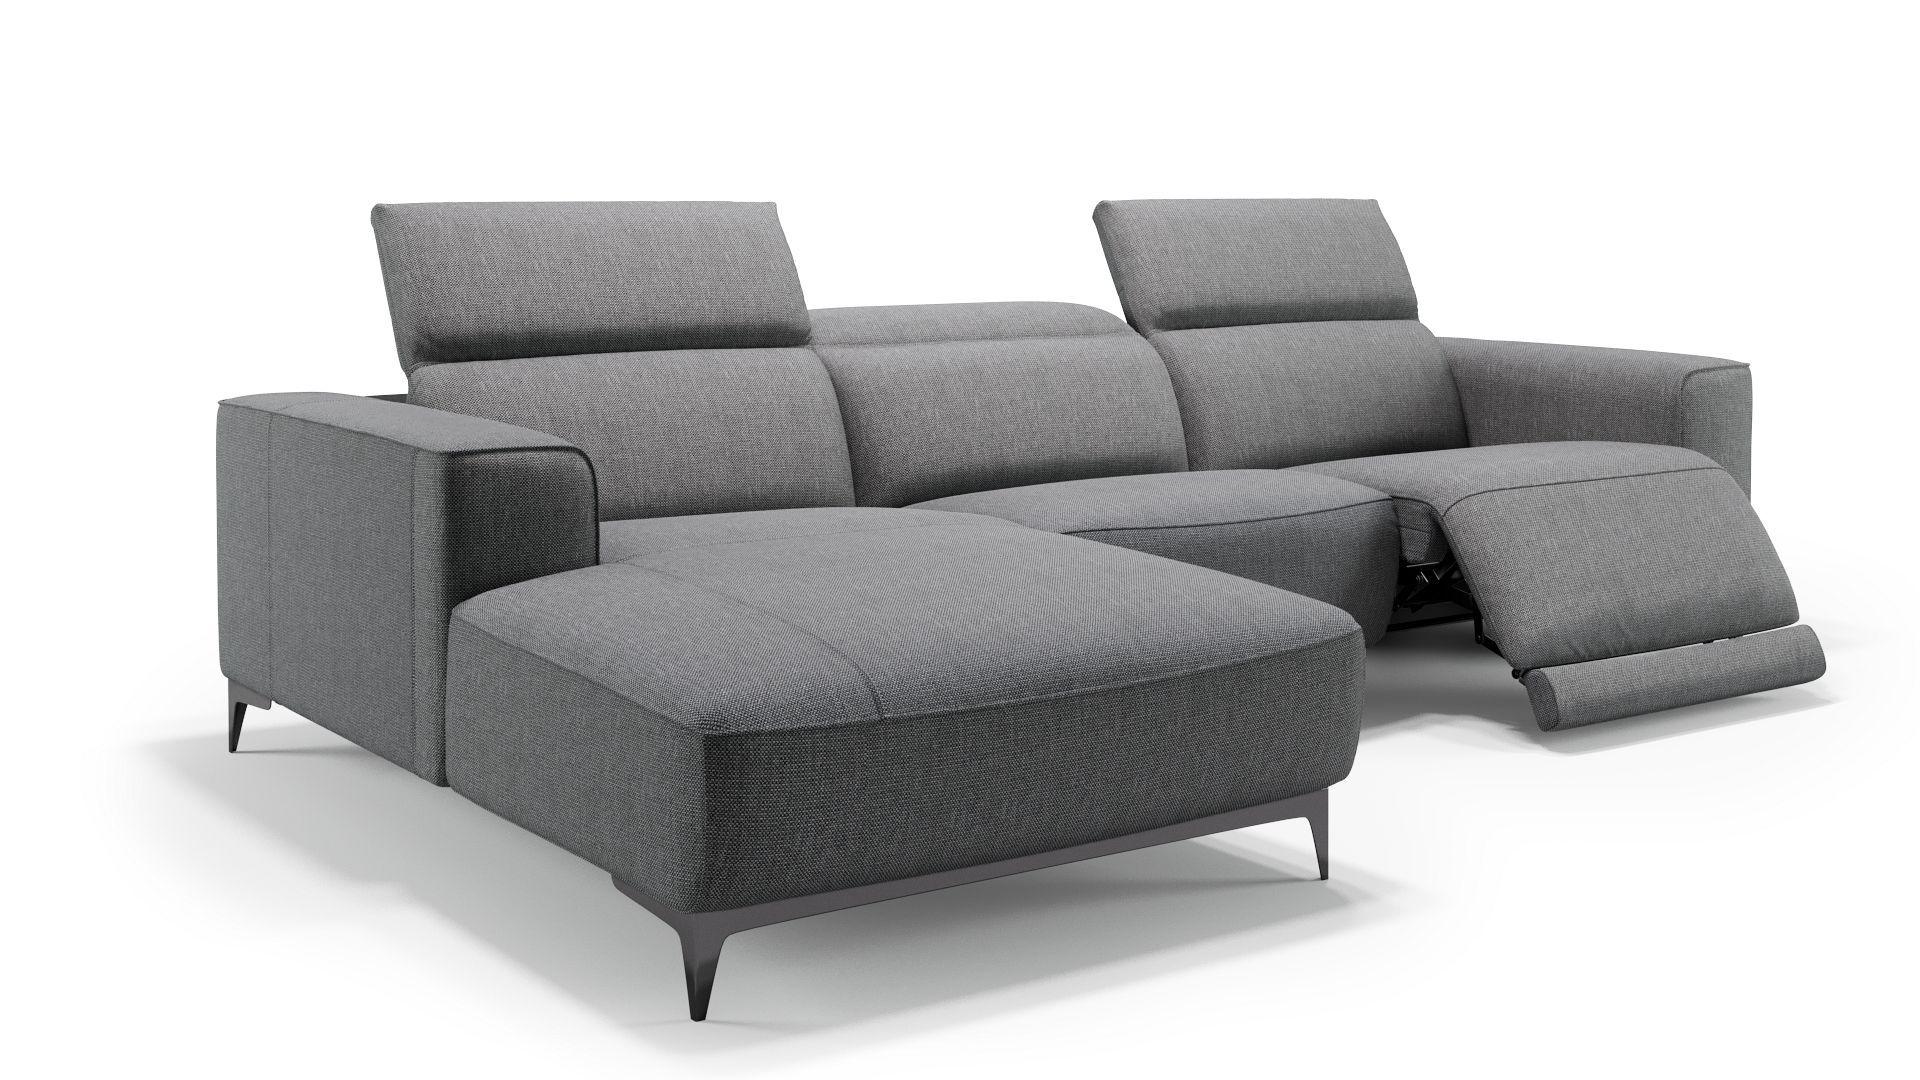 Bezaubernd Elektrisches Sofa Dekoration Von Details Elektrische Relaxfunktion Per Knopfdruck An Einem